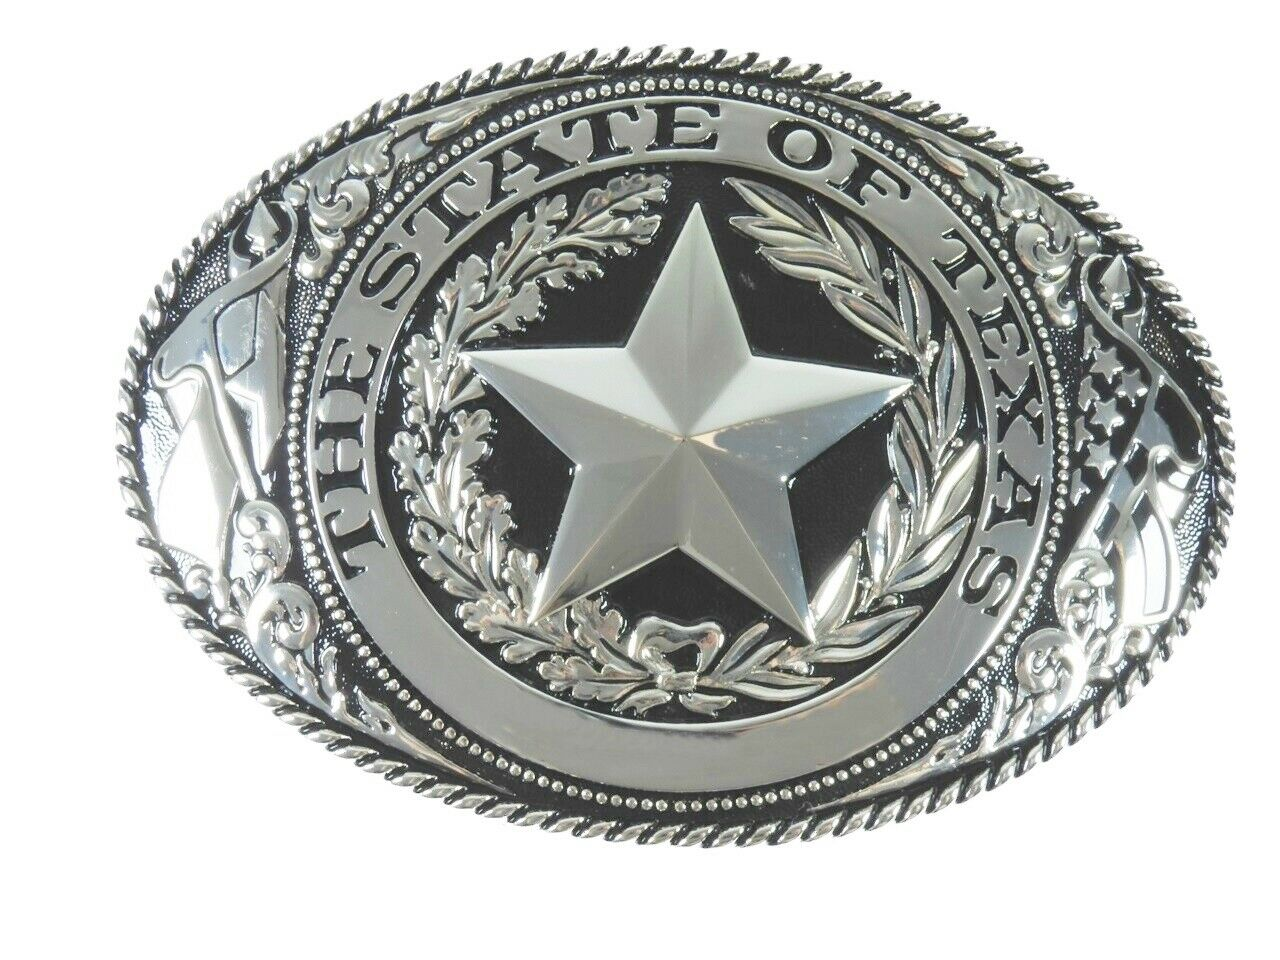 XXXL Gürtelschnalle Buckle Gürtelschliesse The State of Texas für Wechselgürtel